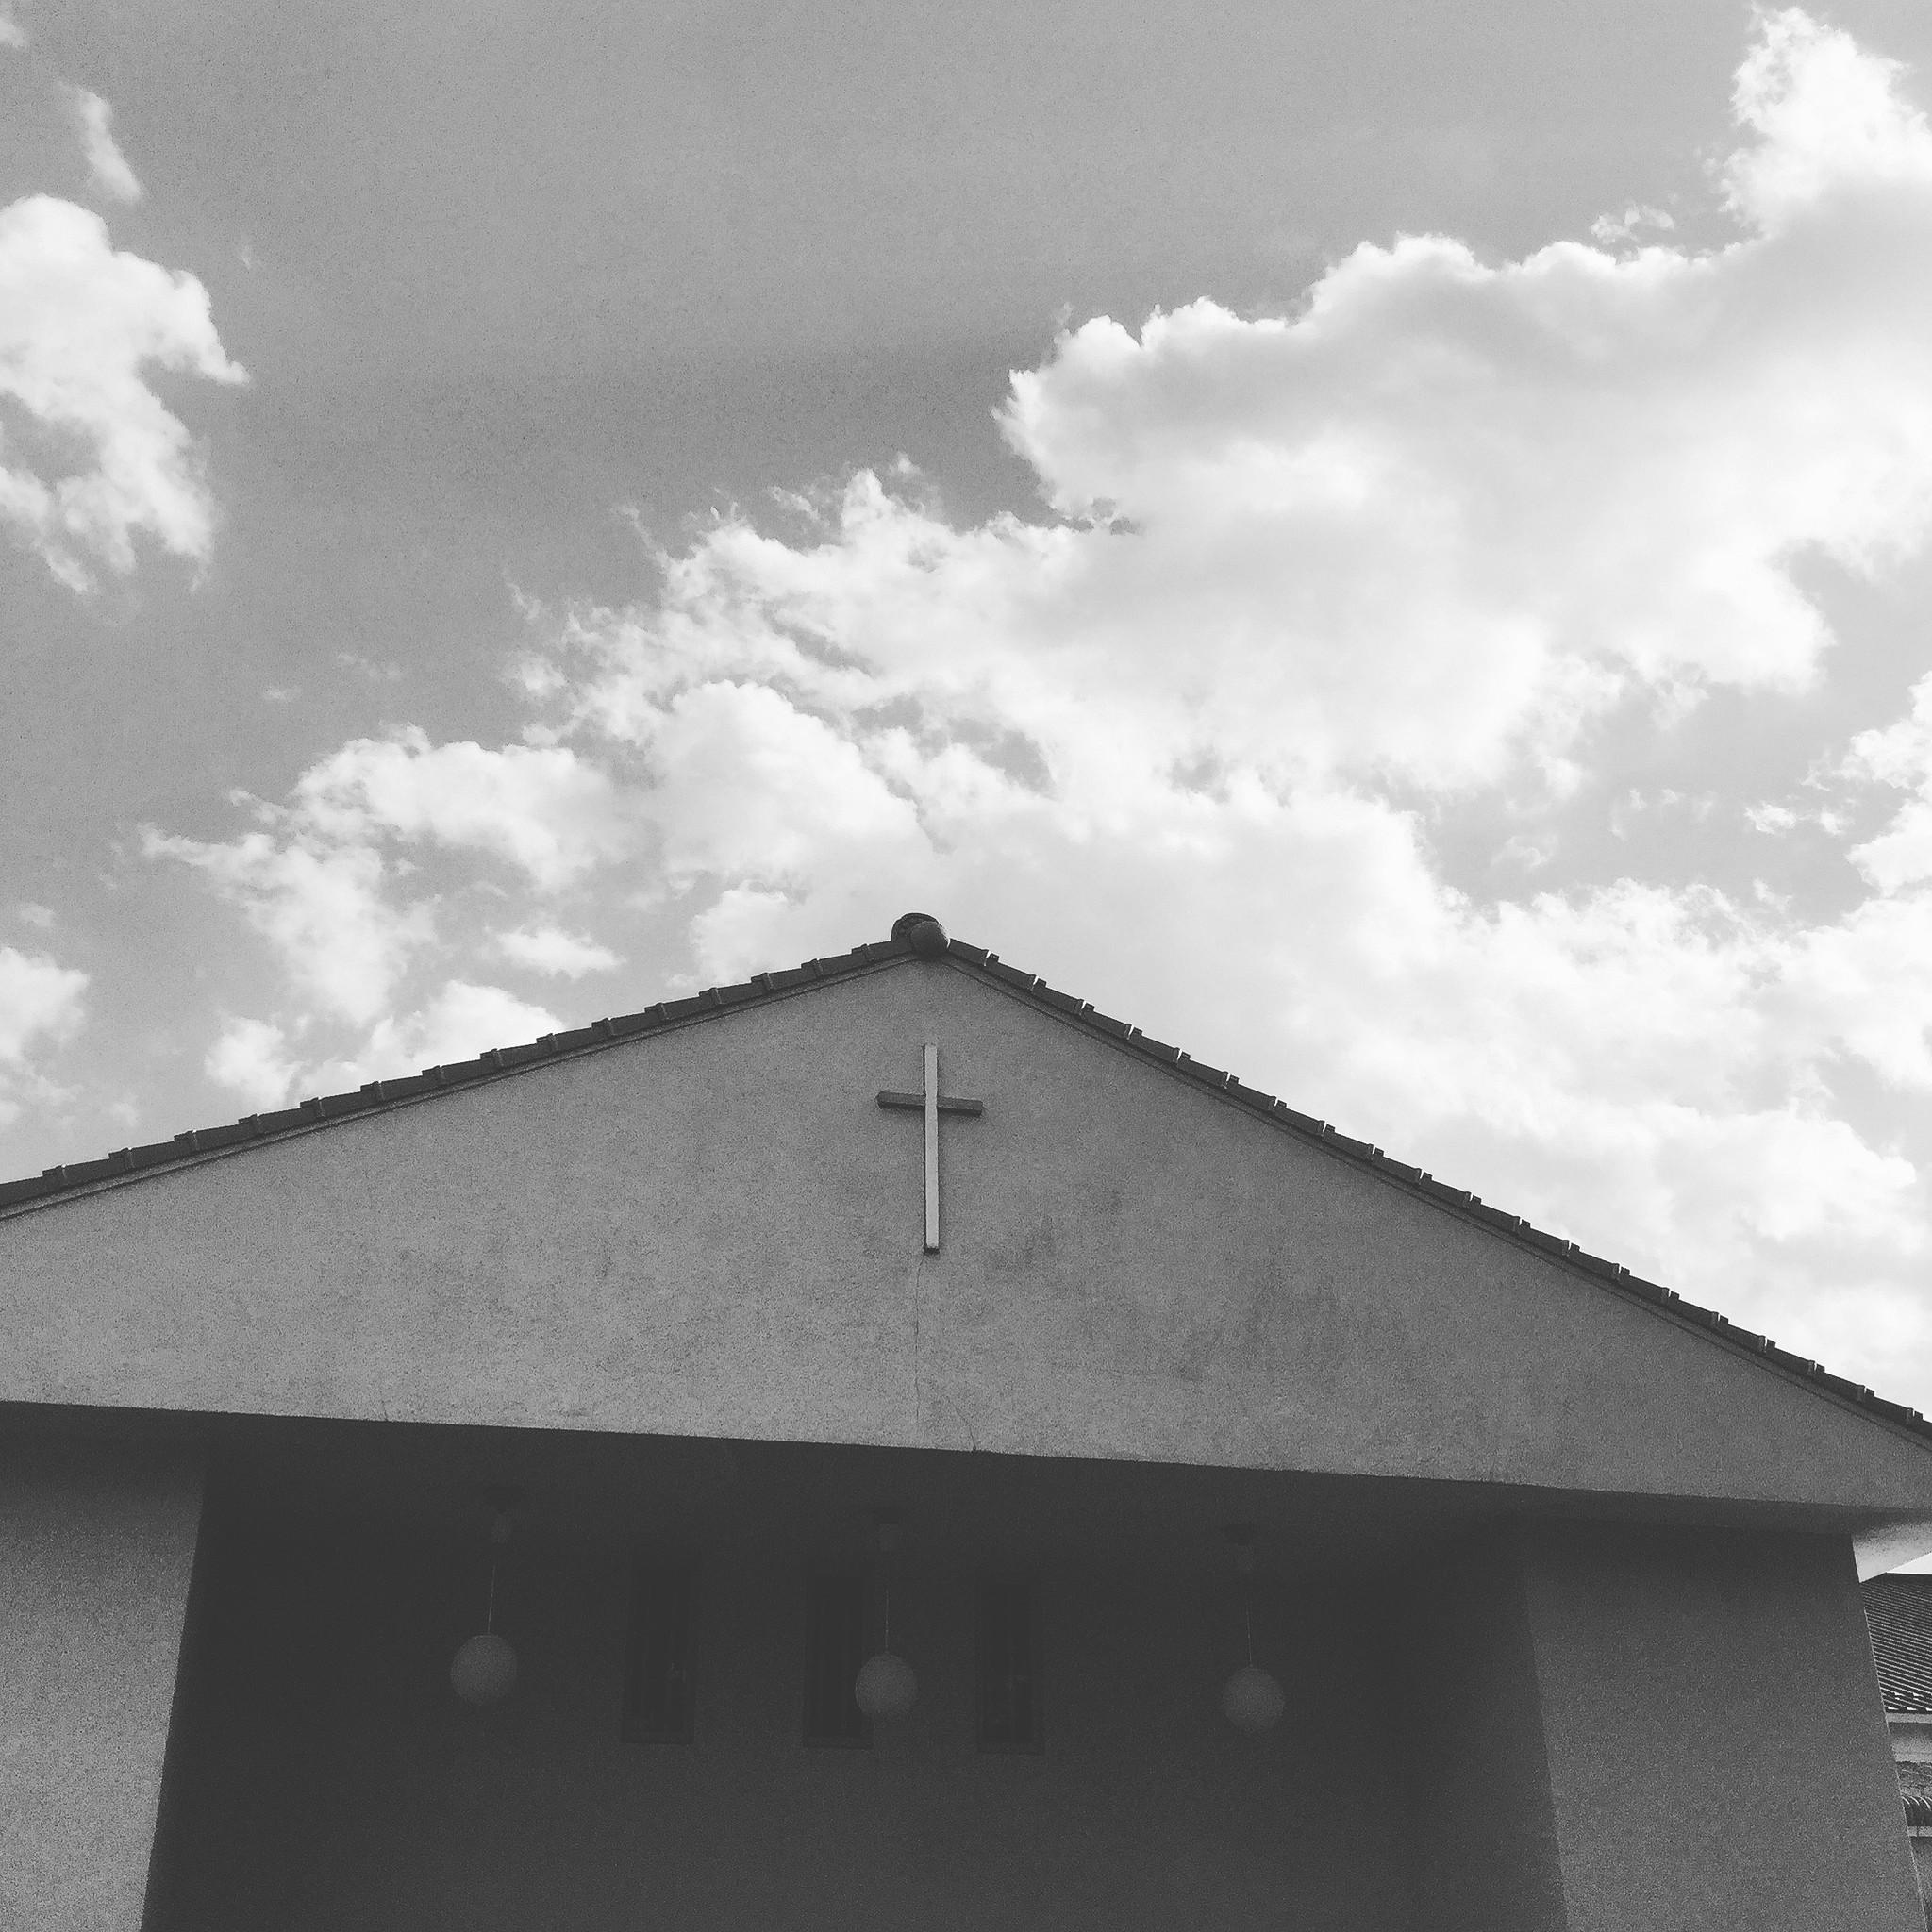 牧師館・教会堂・幼稚園舎